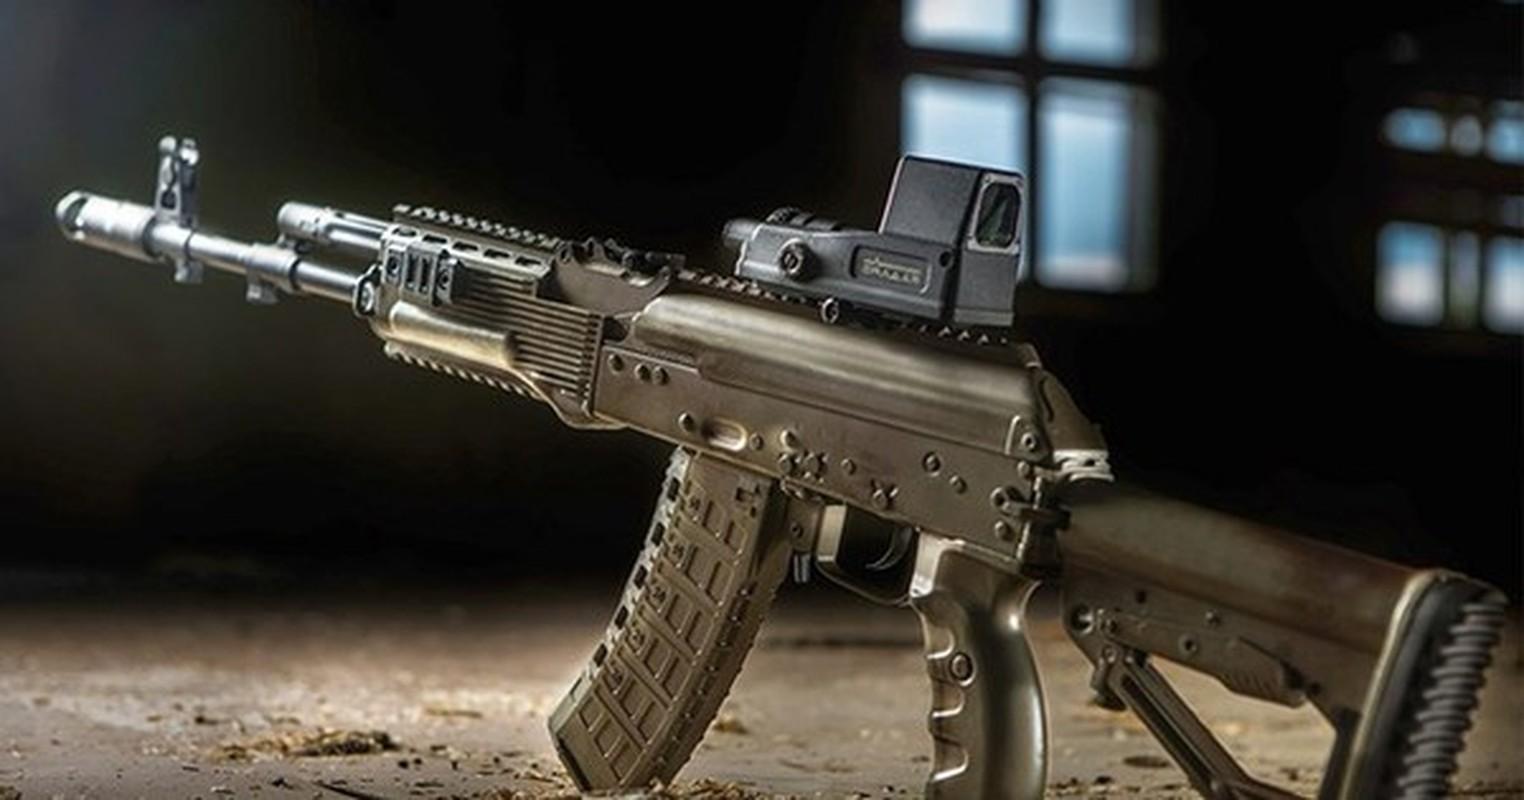 Tieu lien AK-12SP cuc chat cua dac nhiem Nga co gi dac biet?-Hinh-2